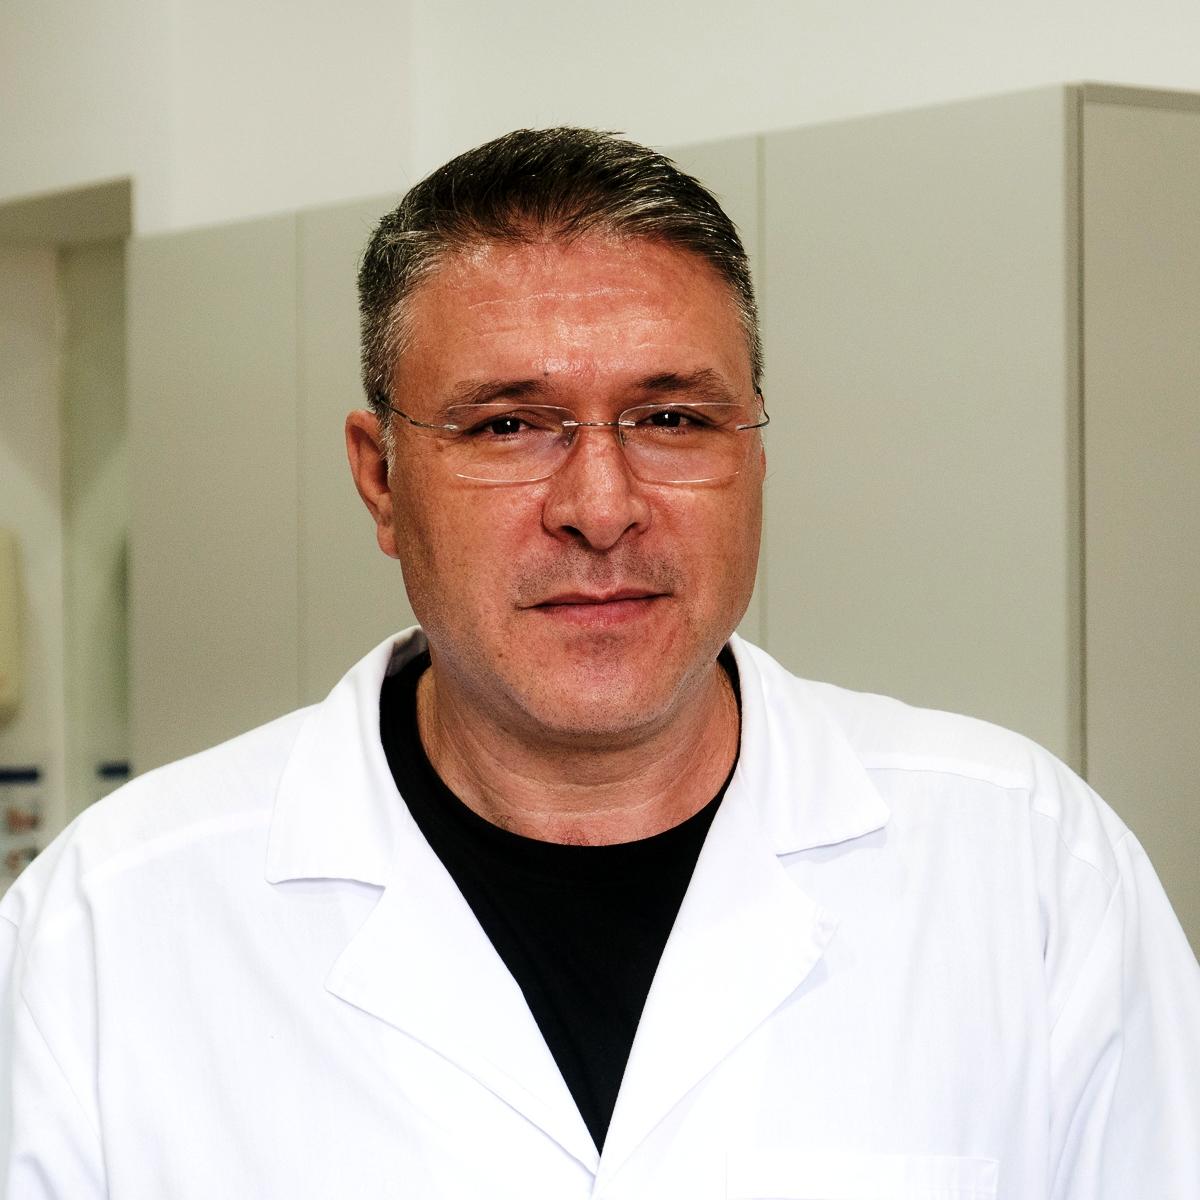 Dr Viisoreanu